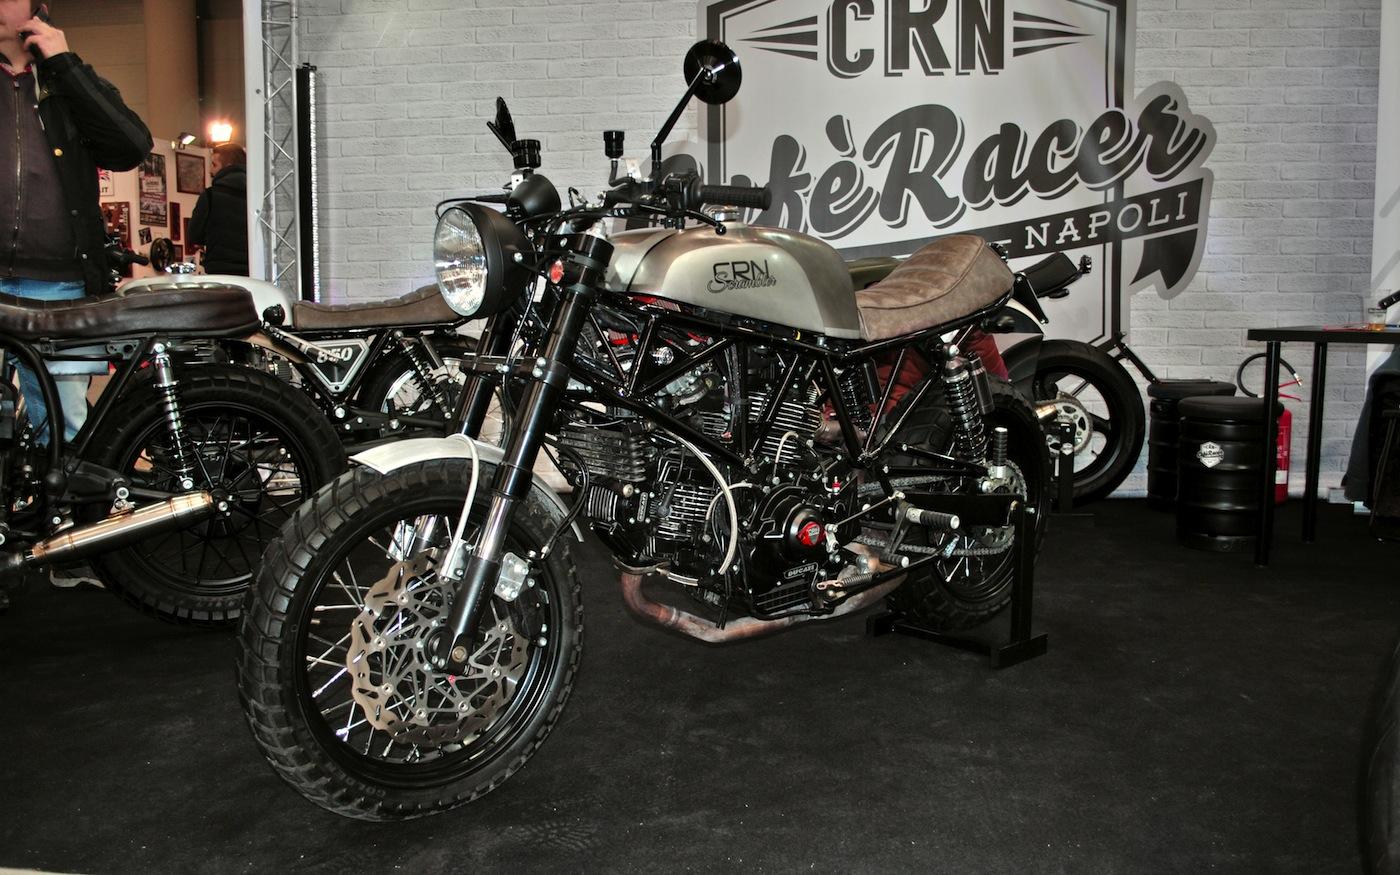 Ducati - Scrambler CRN